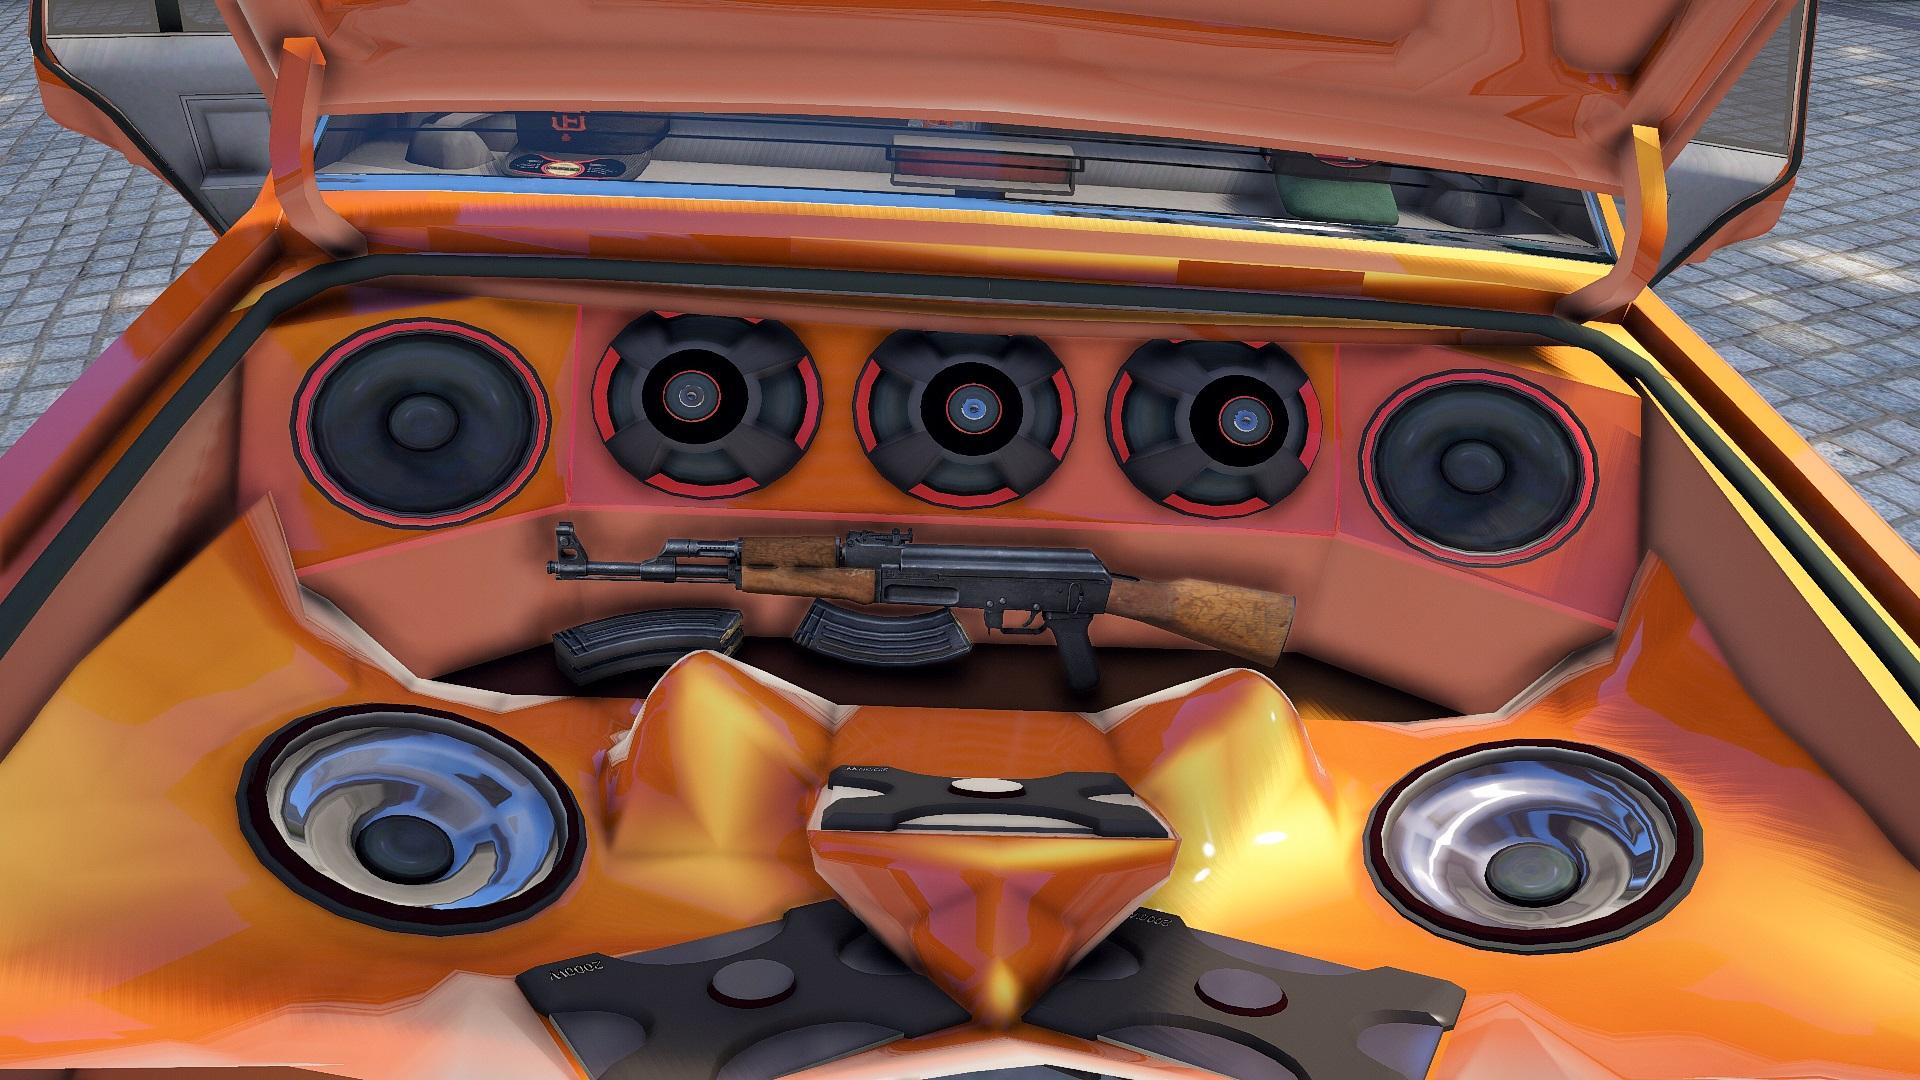 0_1506532286612_Grand Theft Auto V 9_27_2017 9_58_43 AM.jpg